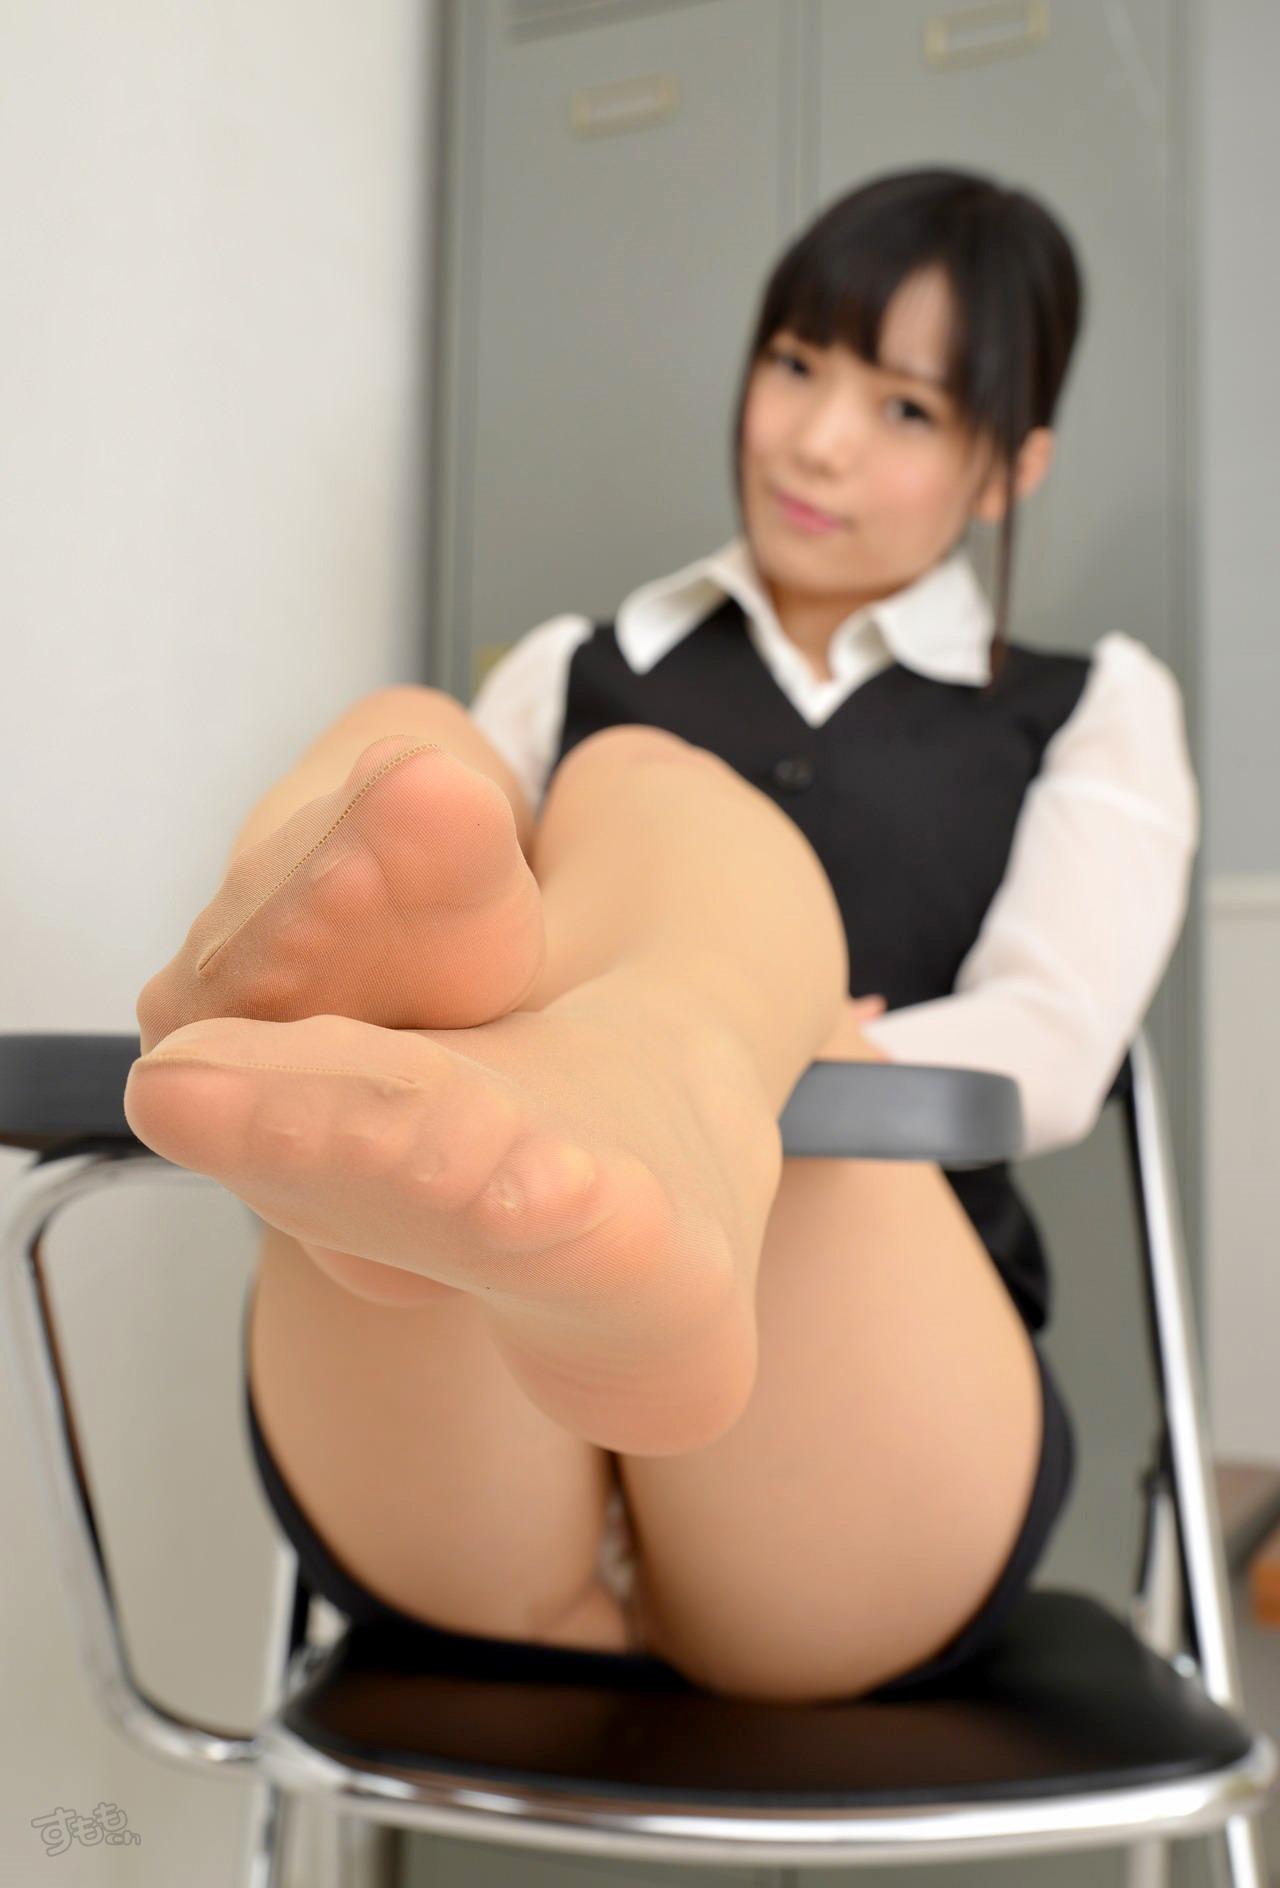 【フェチ】美女の足裏の興奮度は異常wwwwwwwww(画像20枚)・8枚目